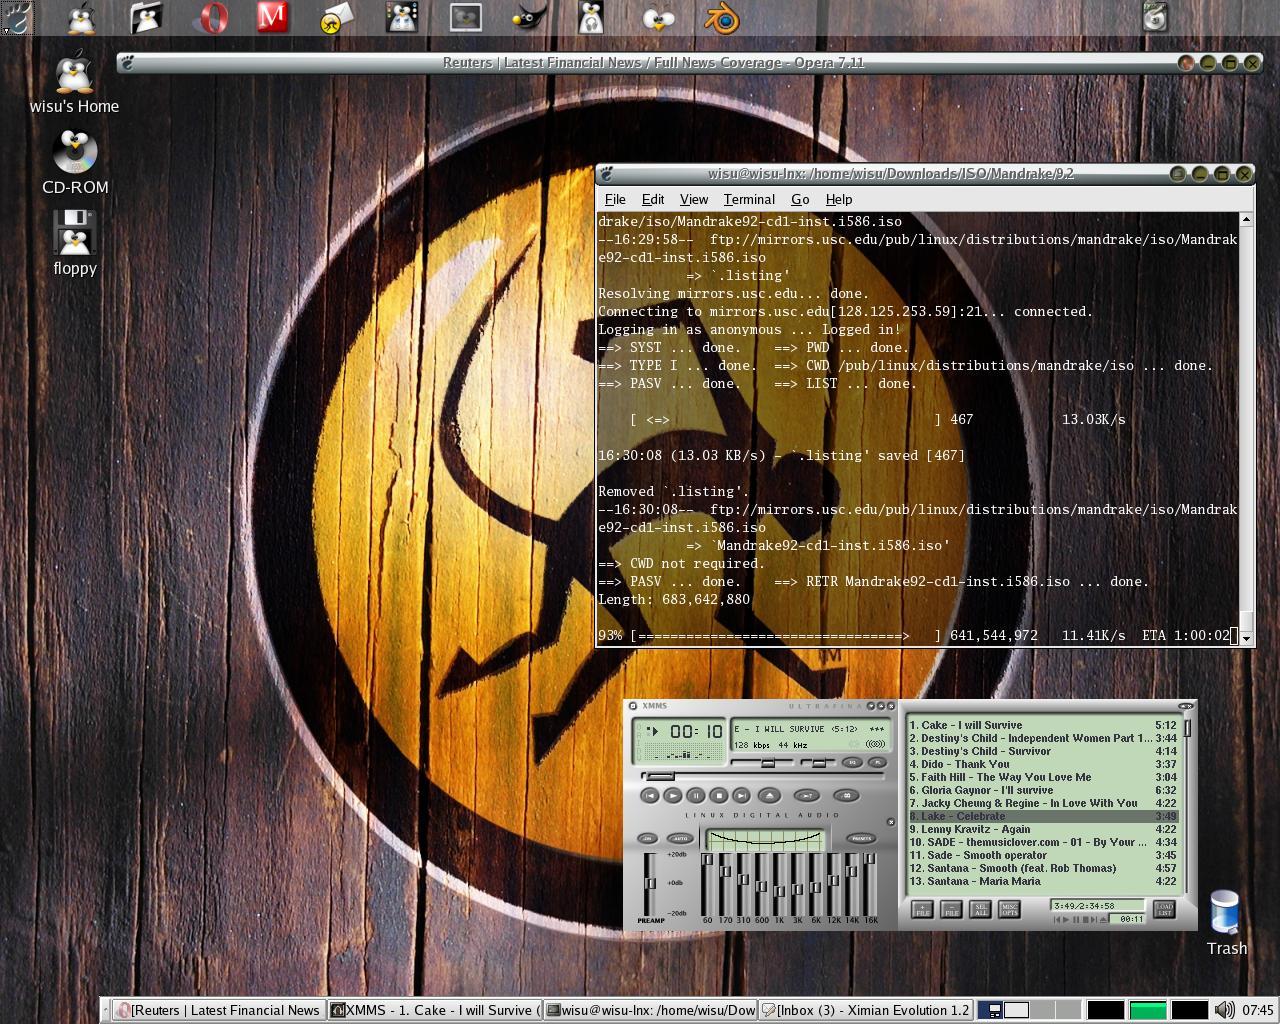 My workstation running a Gnome desktop on an Mdk 9.2 - 12 Dec 03